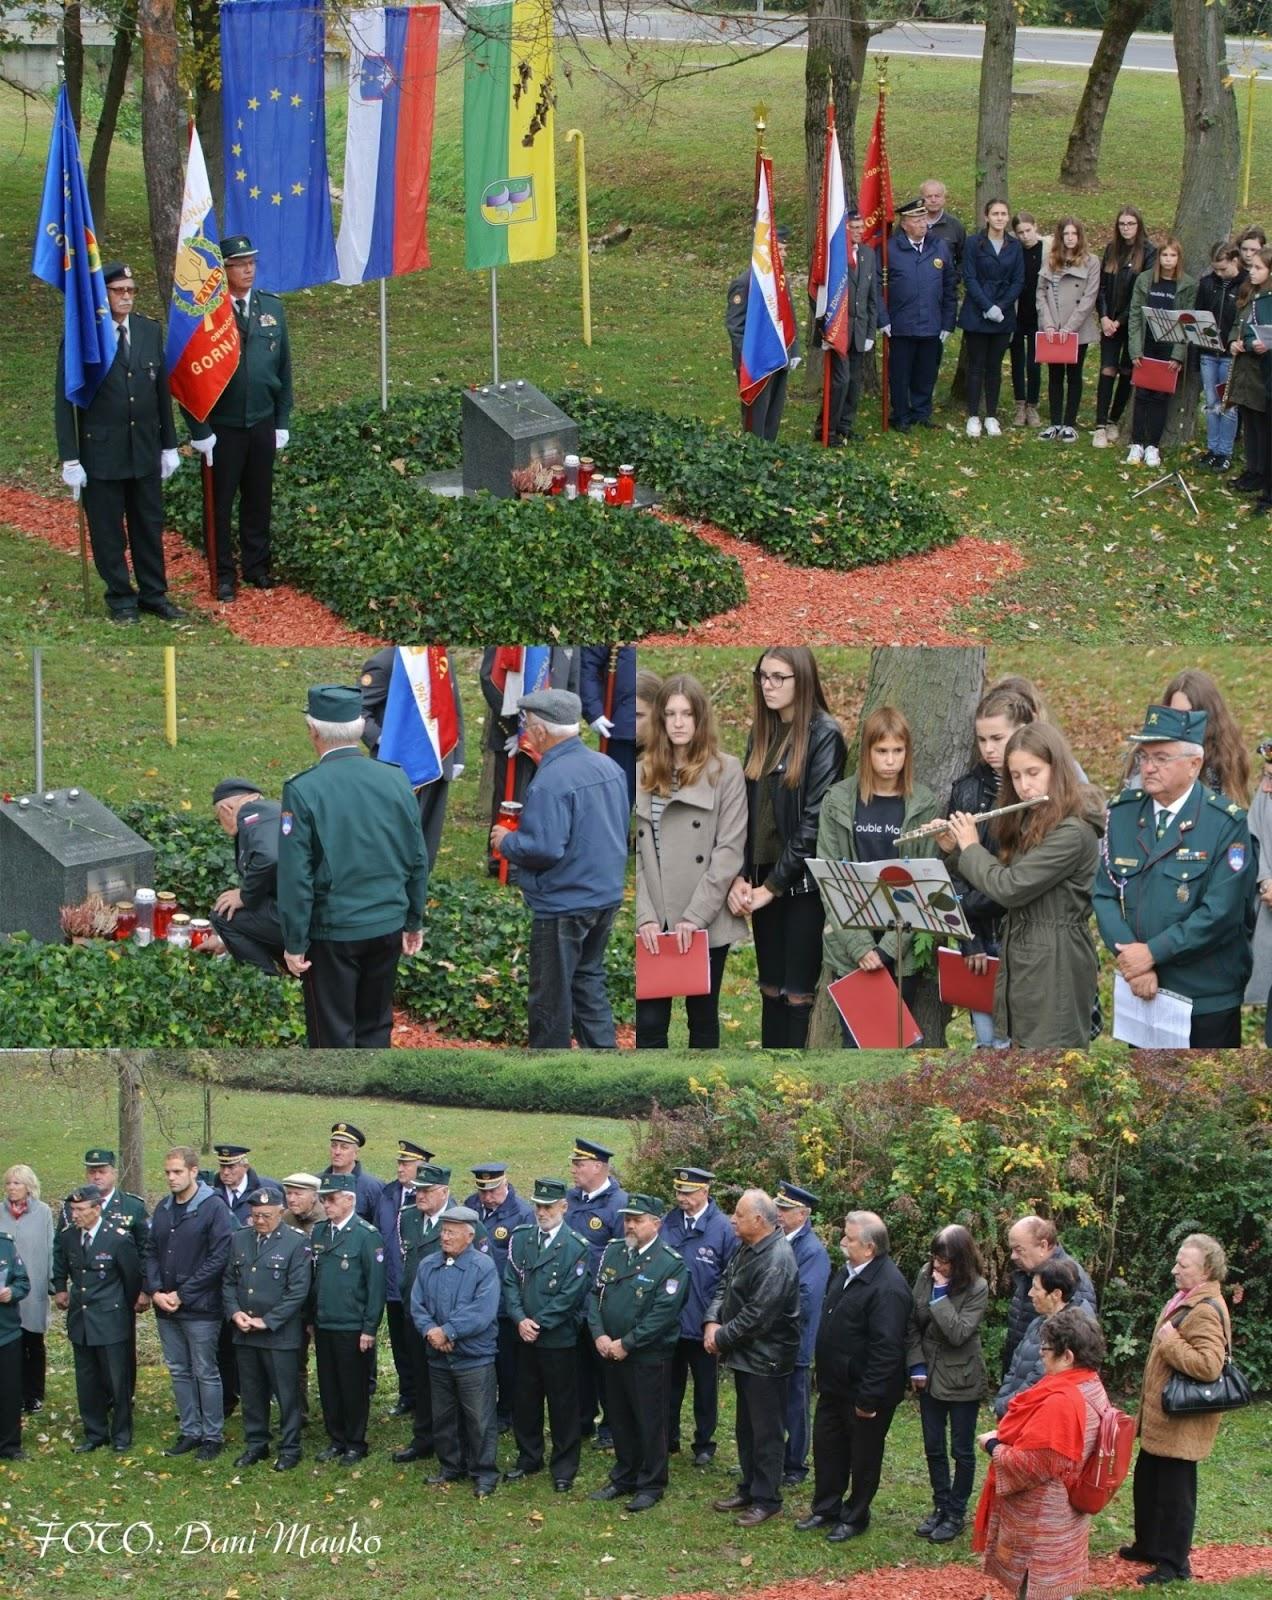 Ob Dnevu suverenosti in Dnevu spomina na mrtve pri spominskem obeležju prižgali svečo, 30. 10. 2017